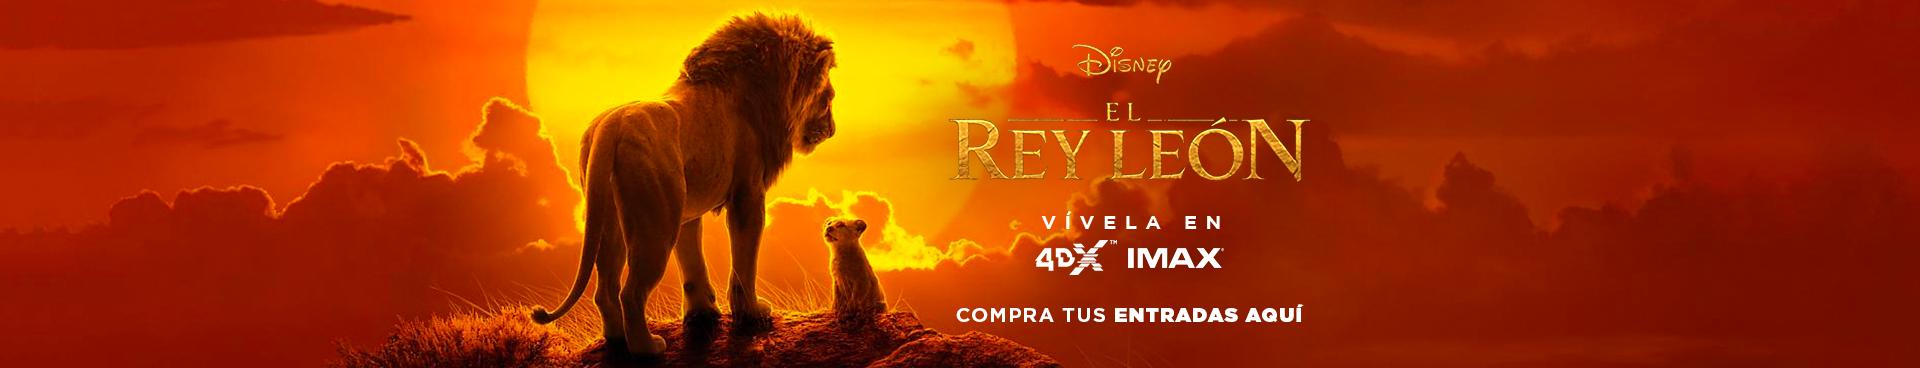 EL REY LEÓN, VIVELA EN IMAX Y 4DX, COMPRA TUS ENTRADAS AQUÍ